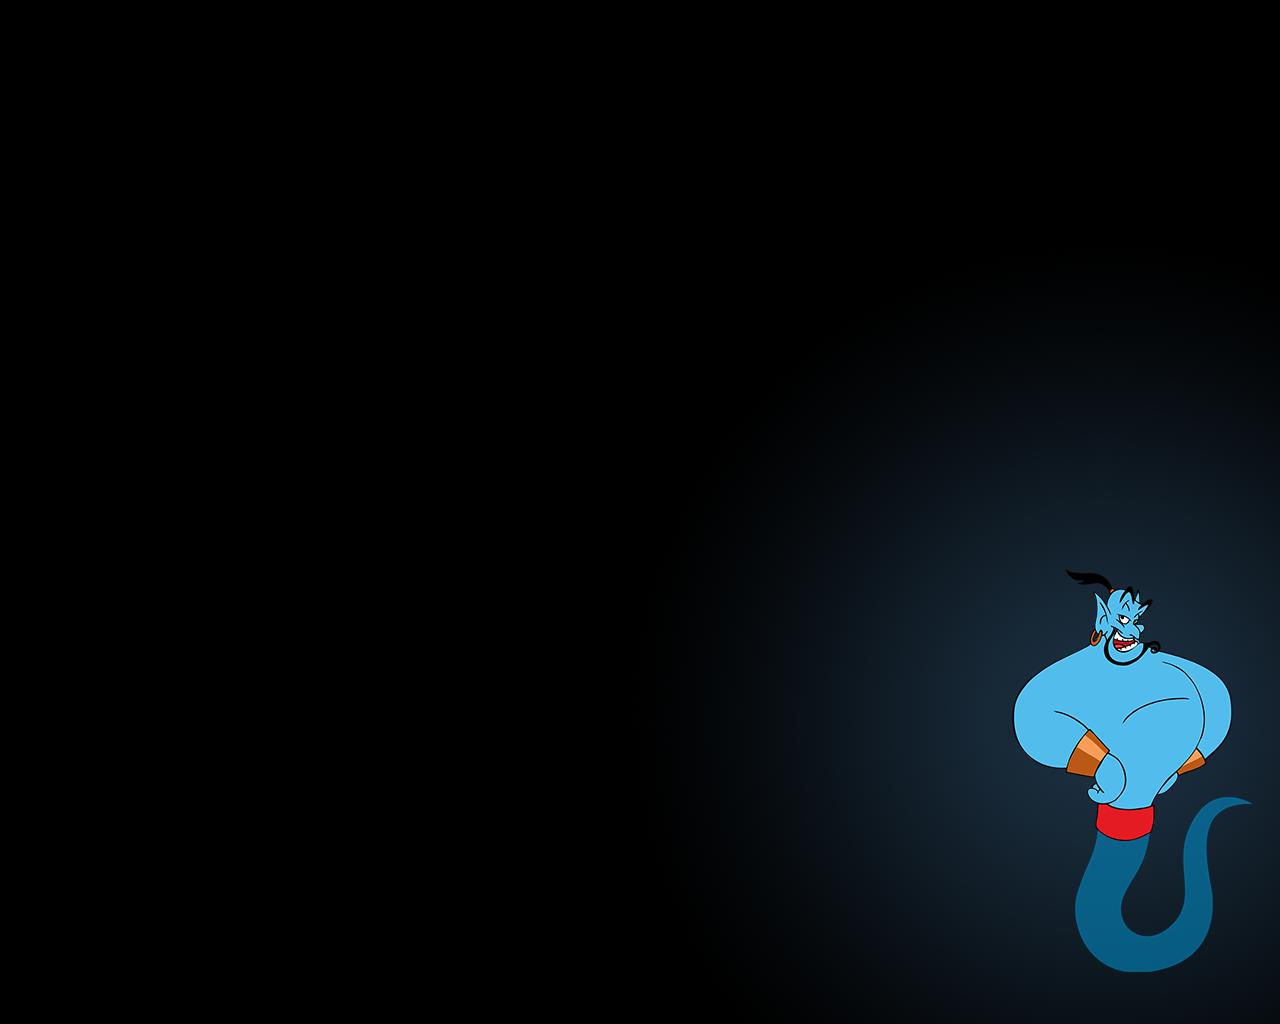 Aladdin Genie Wallpaper 1280x1024